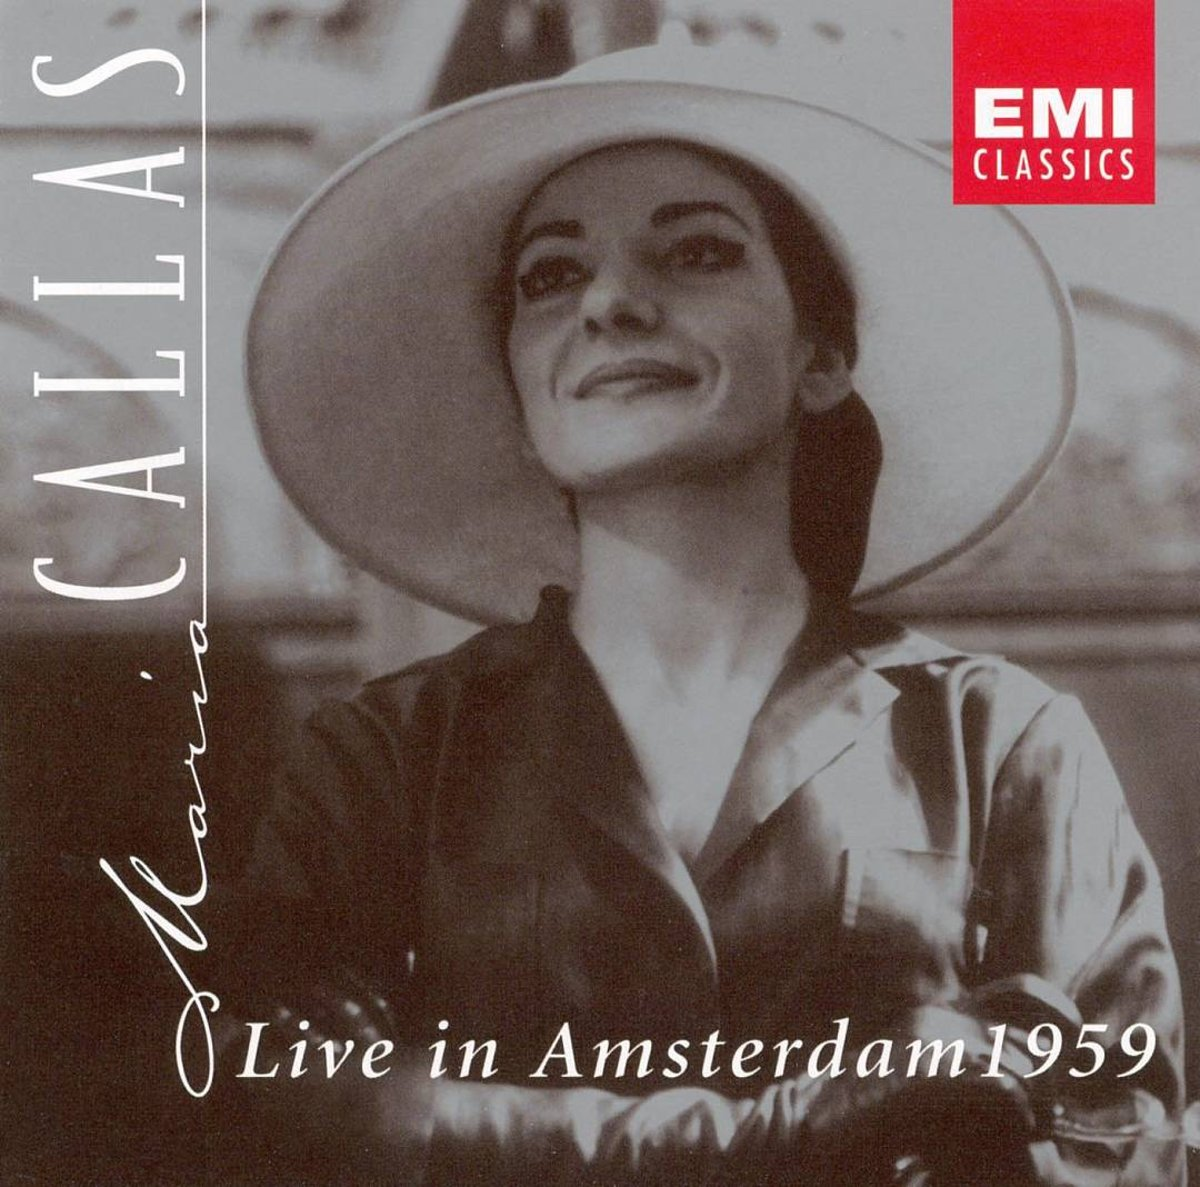 Callas in Amsterdam